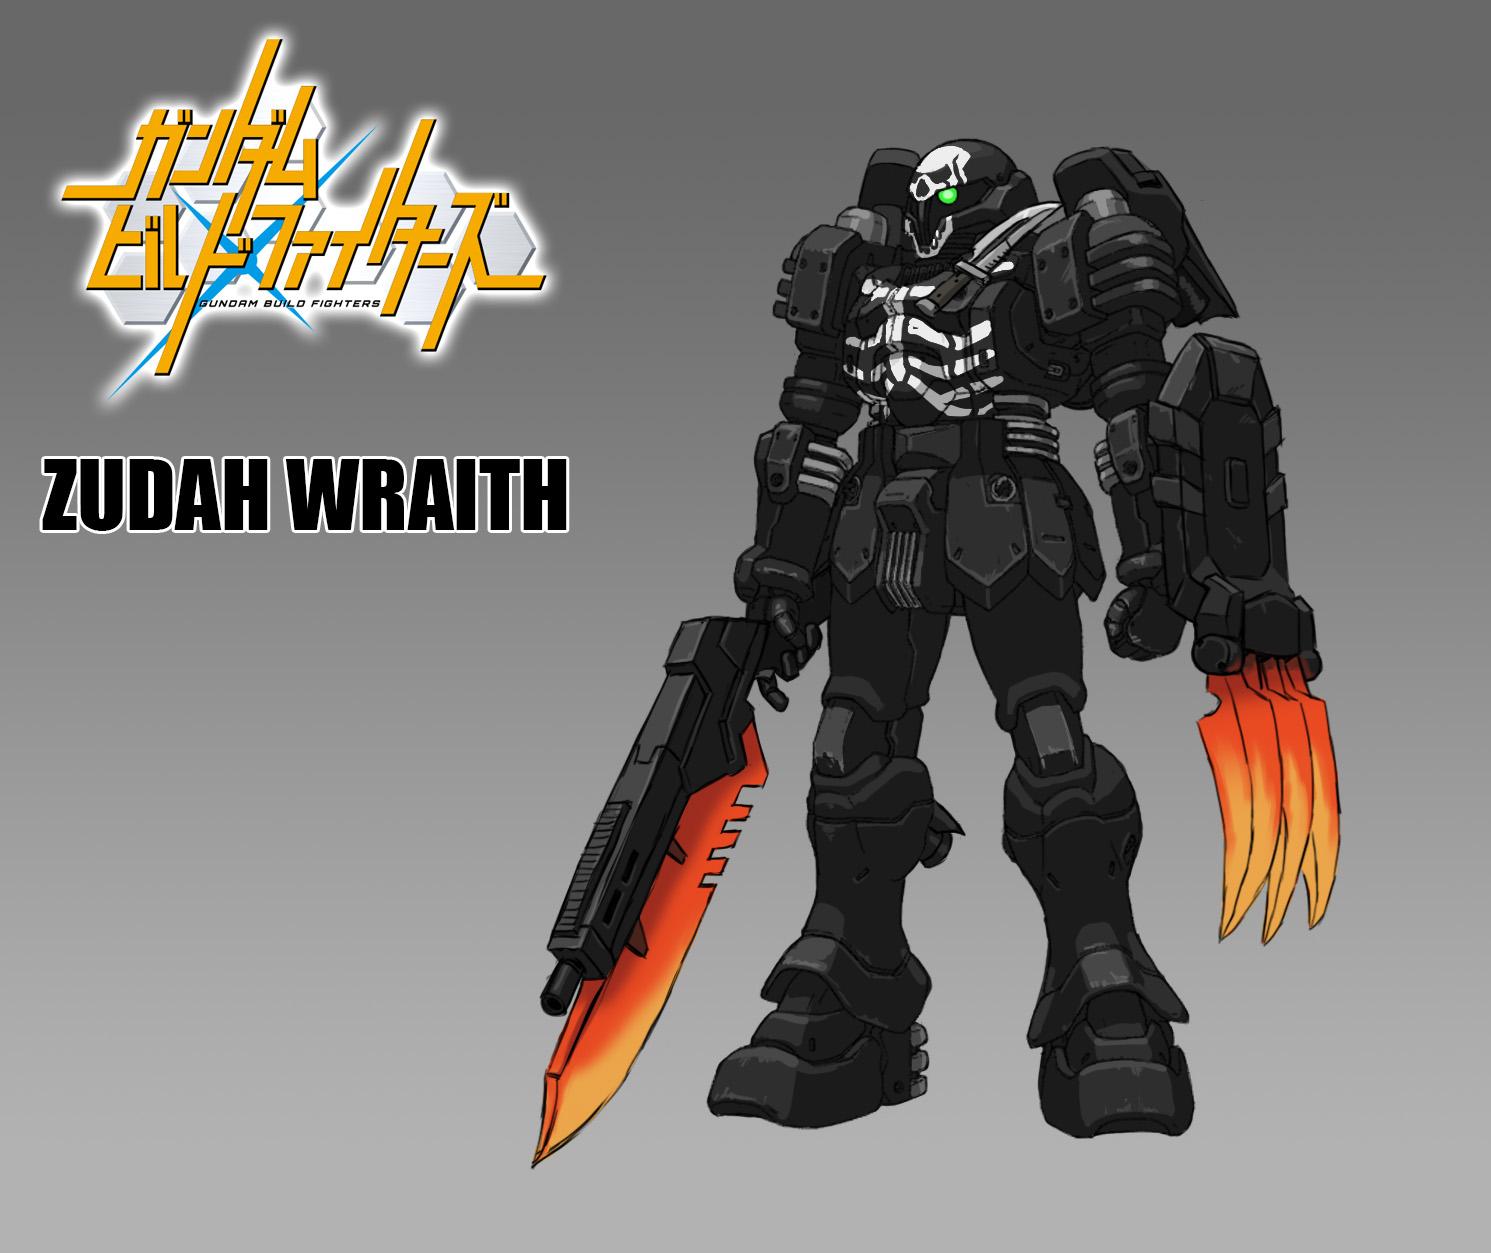 gundam build fighter zudah by thevampiredio